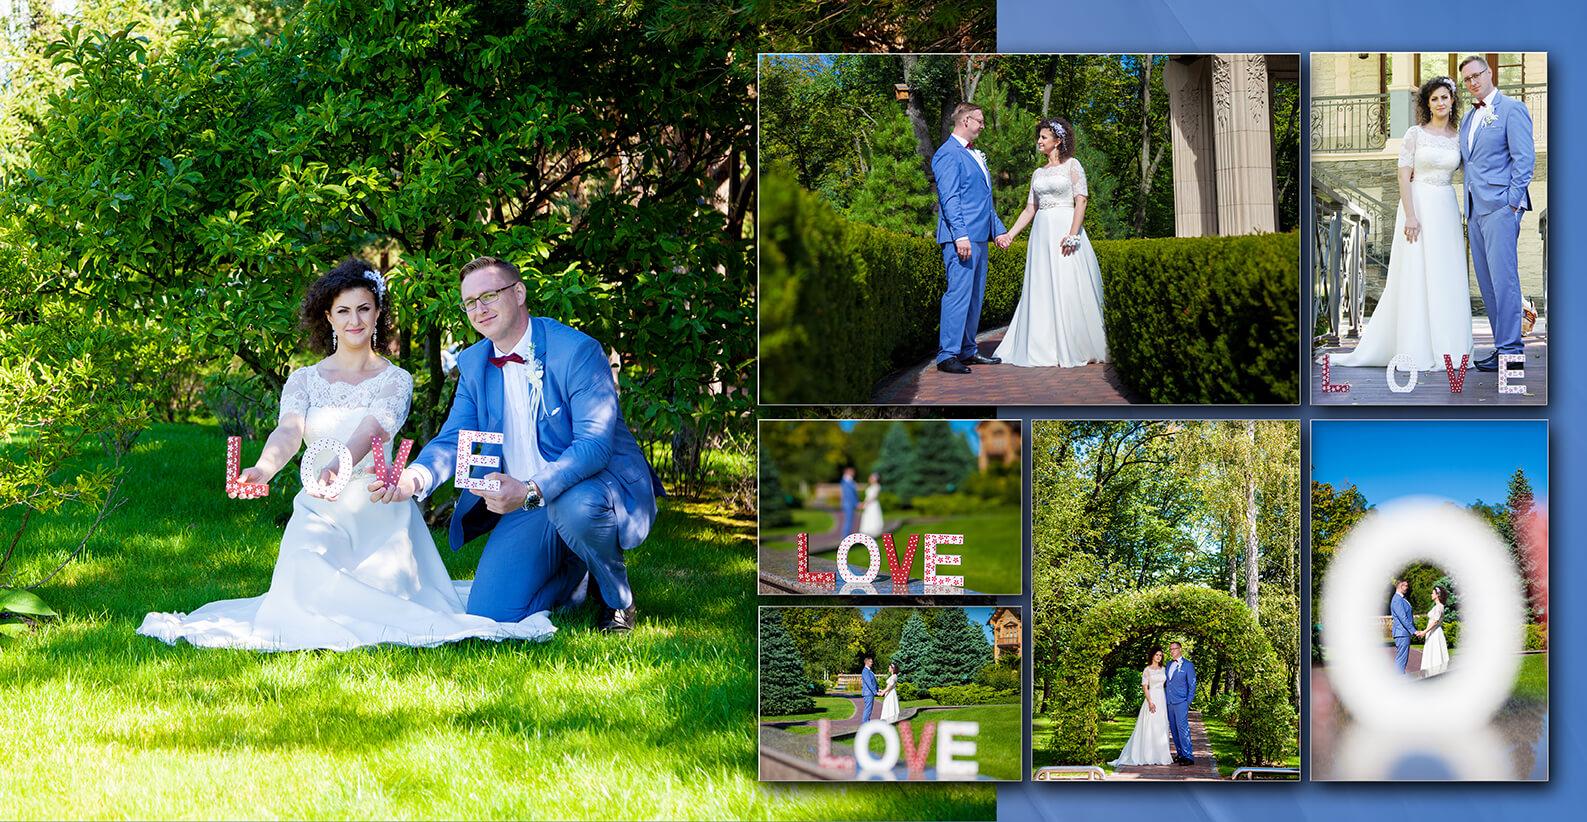 svadebnaja-fotokniga-albom-zakazat-fotograf-kiev-primery-11